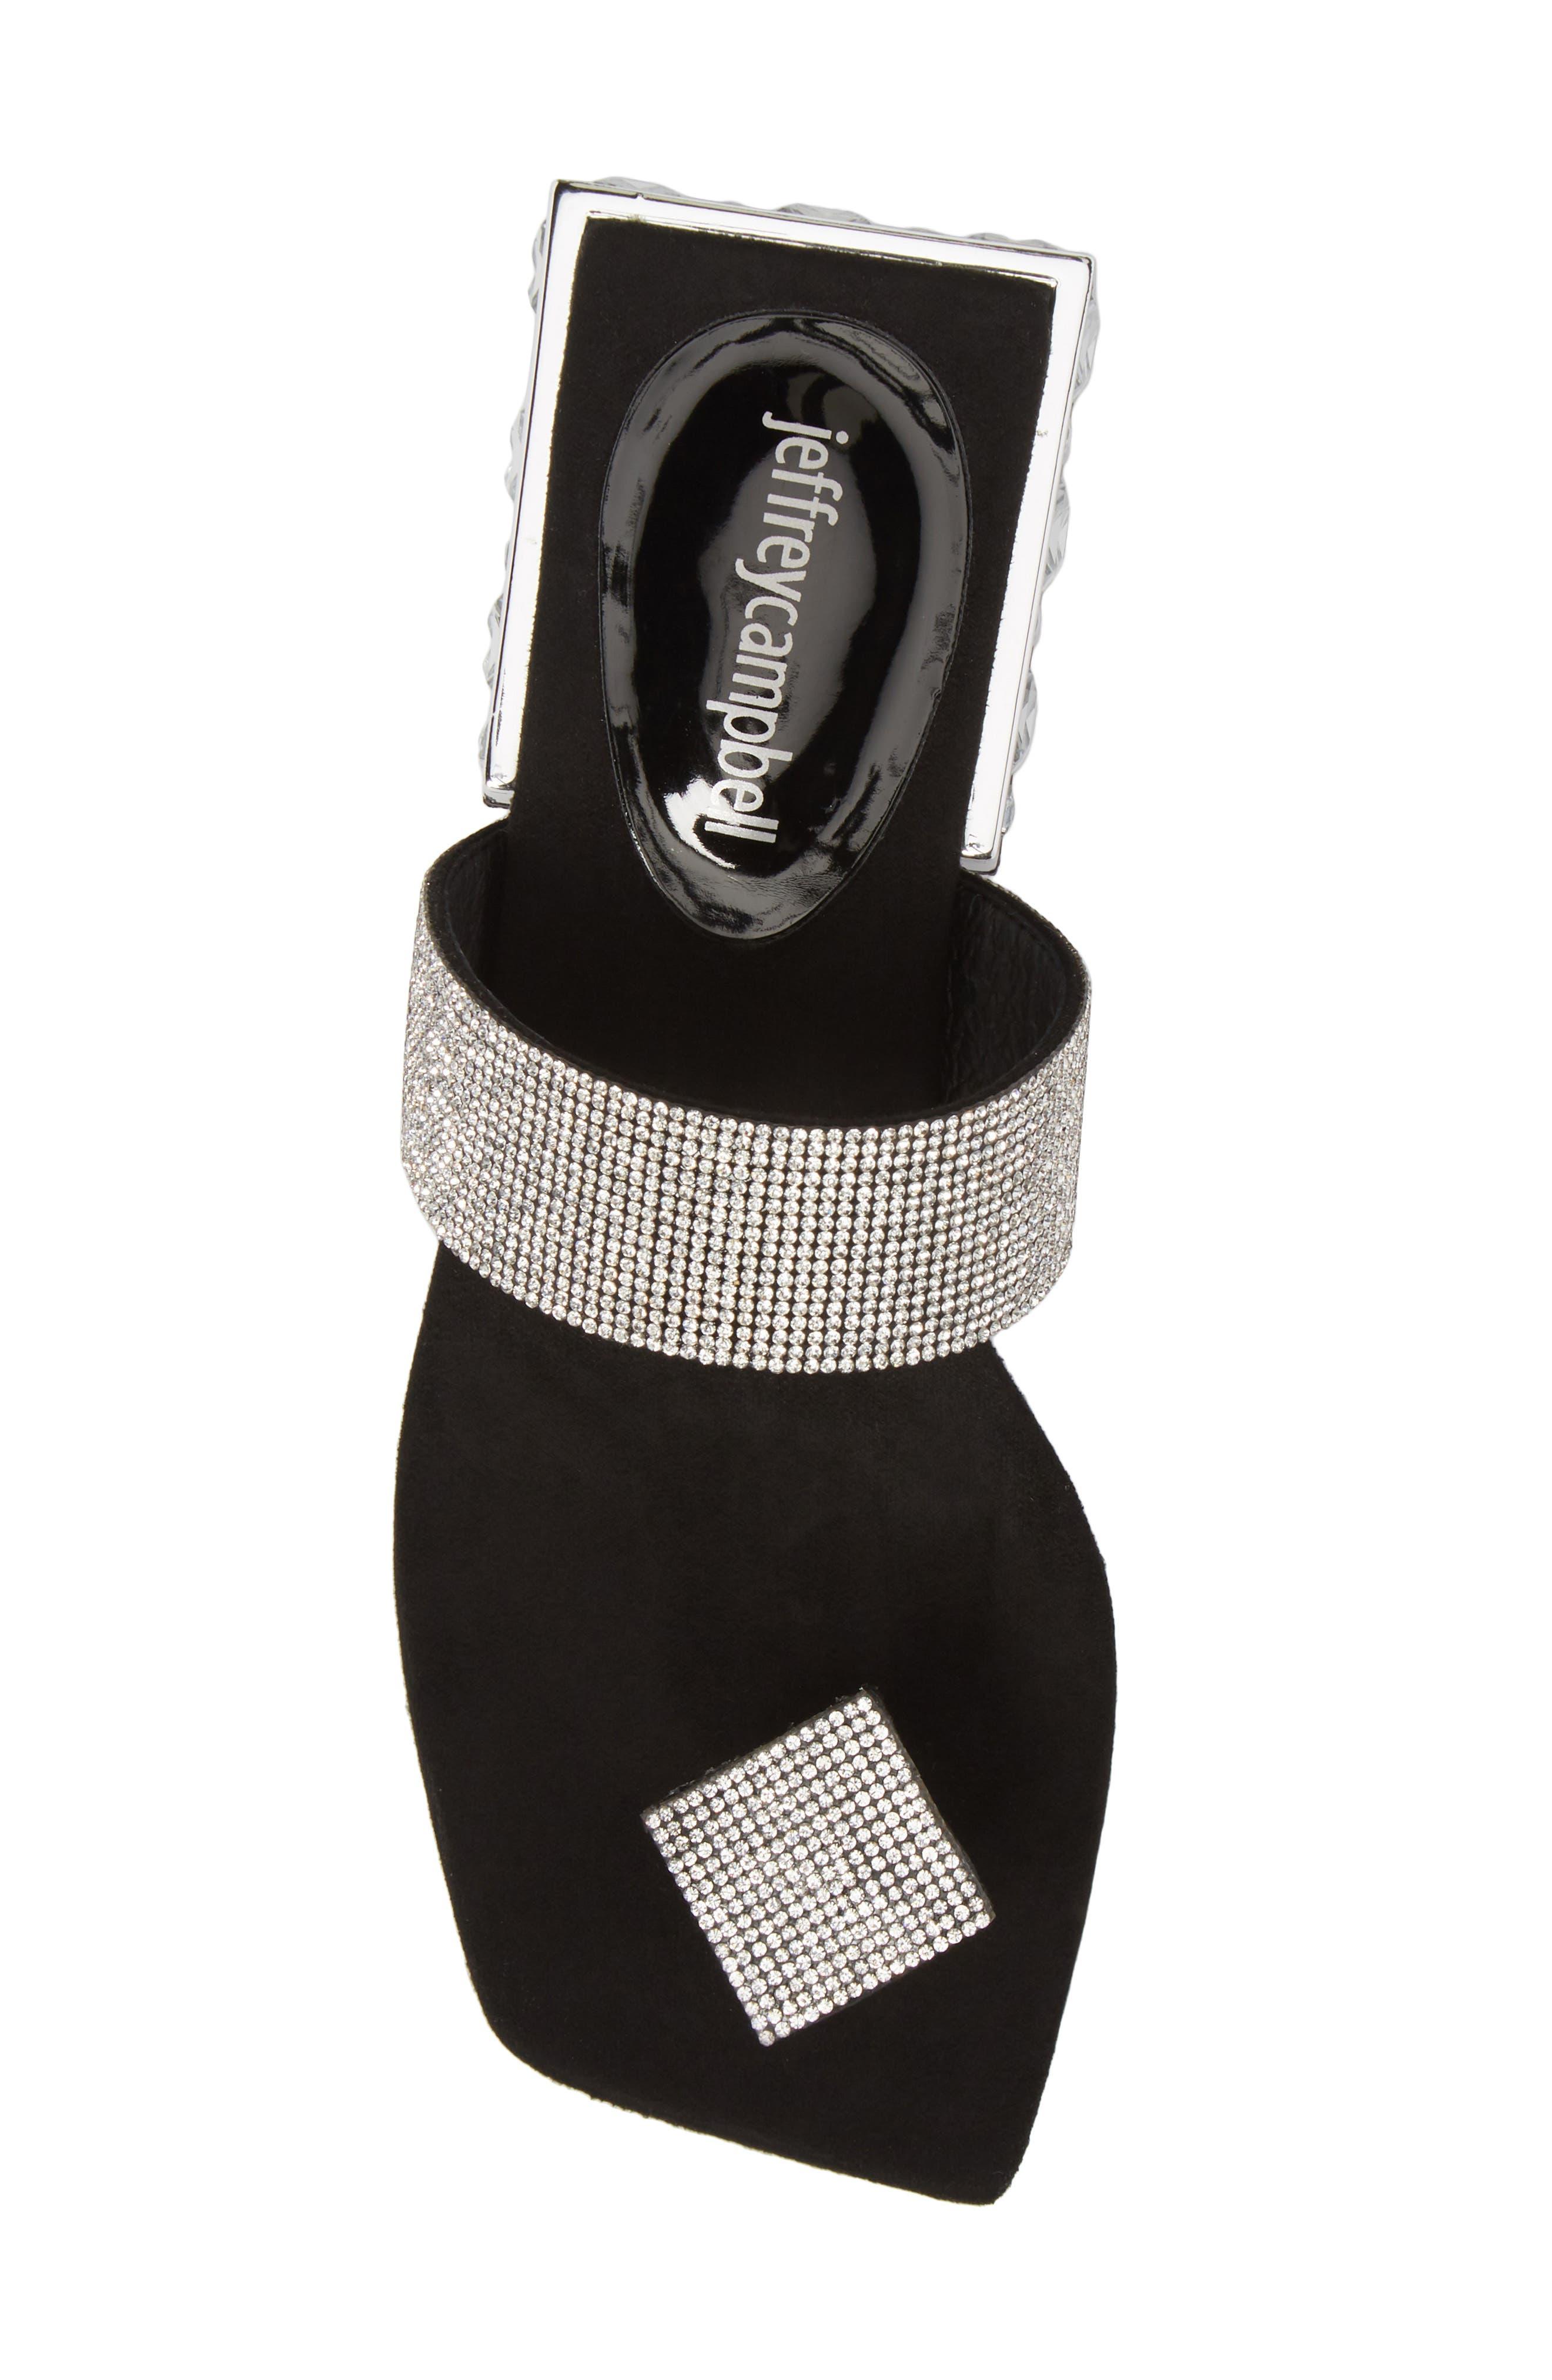 JEFFREY CAMPBELL, Alise Embellished Sandal, Alternate thumbnail 5, color, BLACK SUEDE/ SILVER